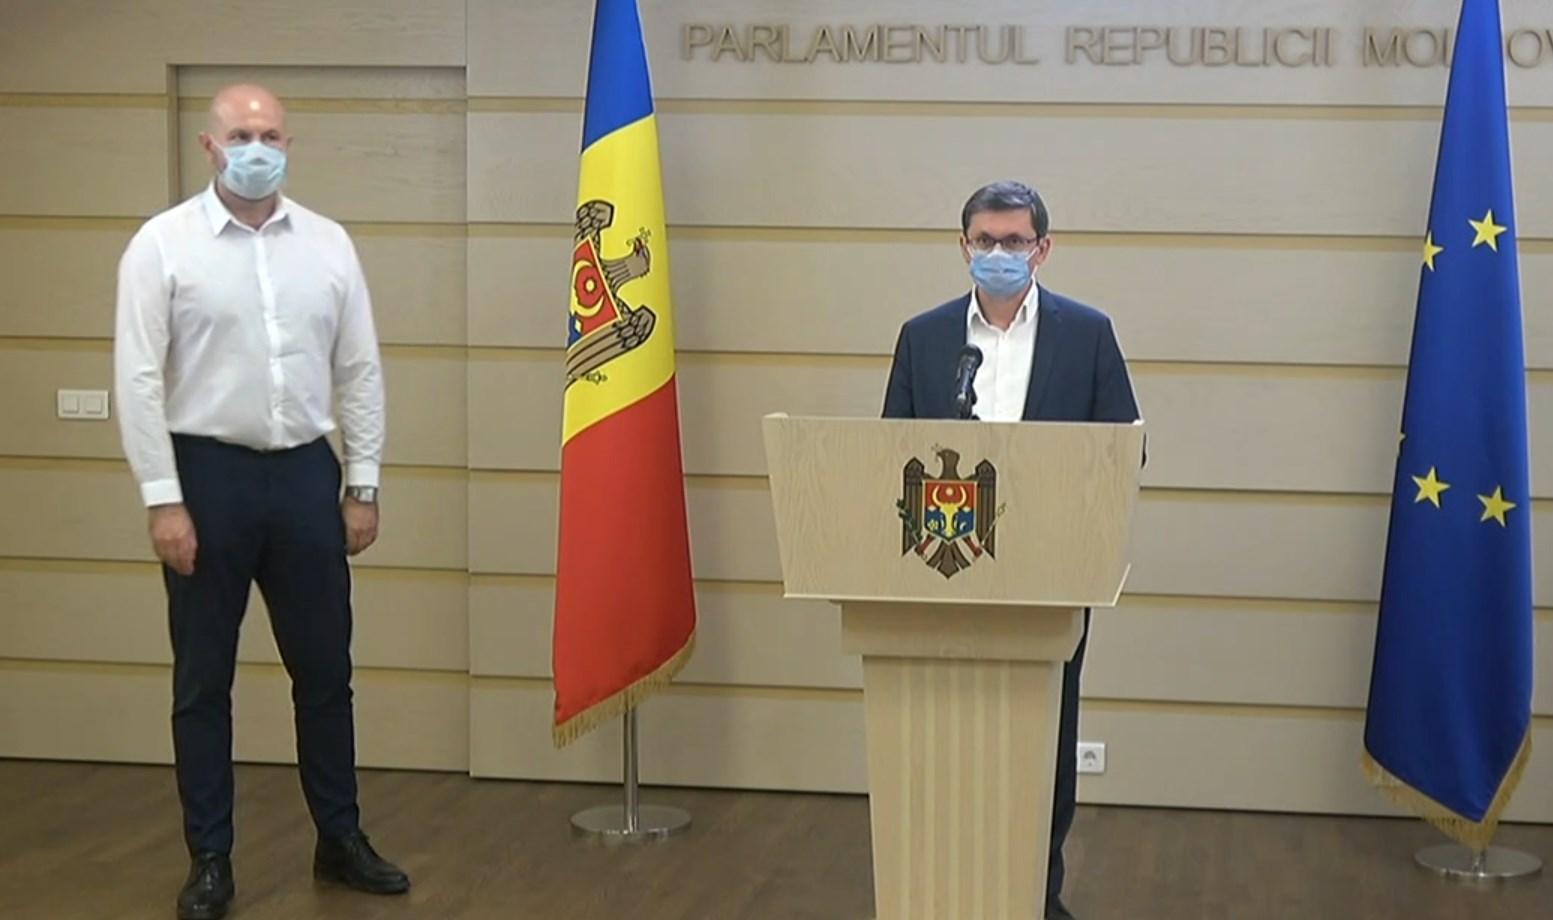 ПДС, после первого раунда консультаций с ДПМ, ПСРМ и Платформой DA: Мы настаиваем на внеочередном заседании парламента